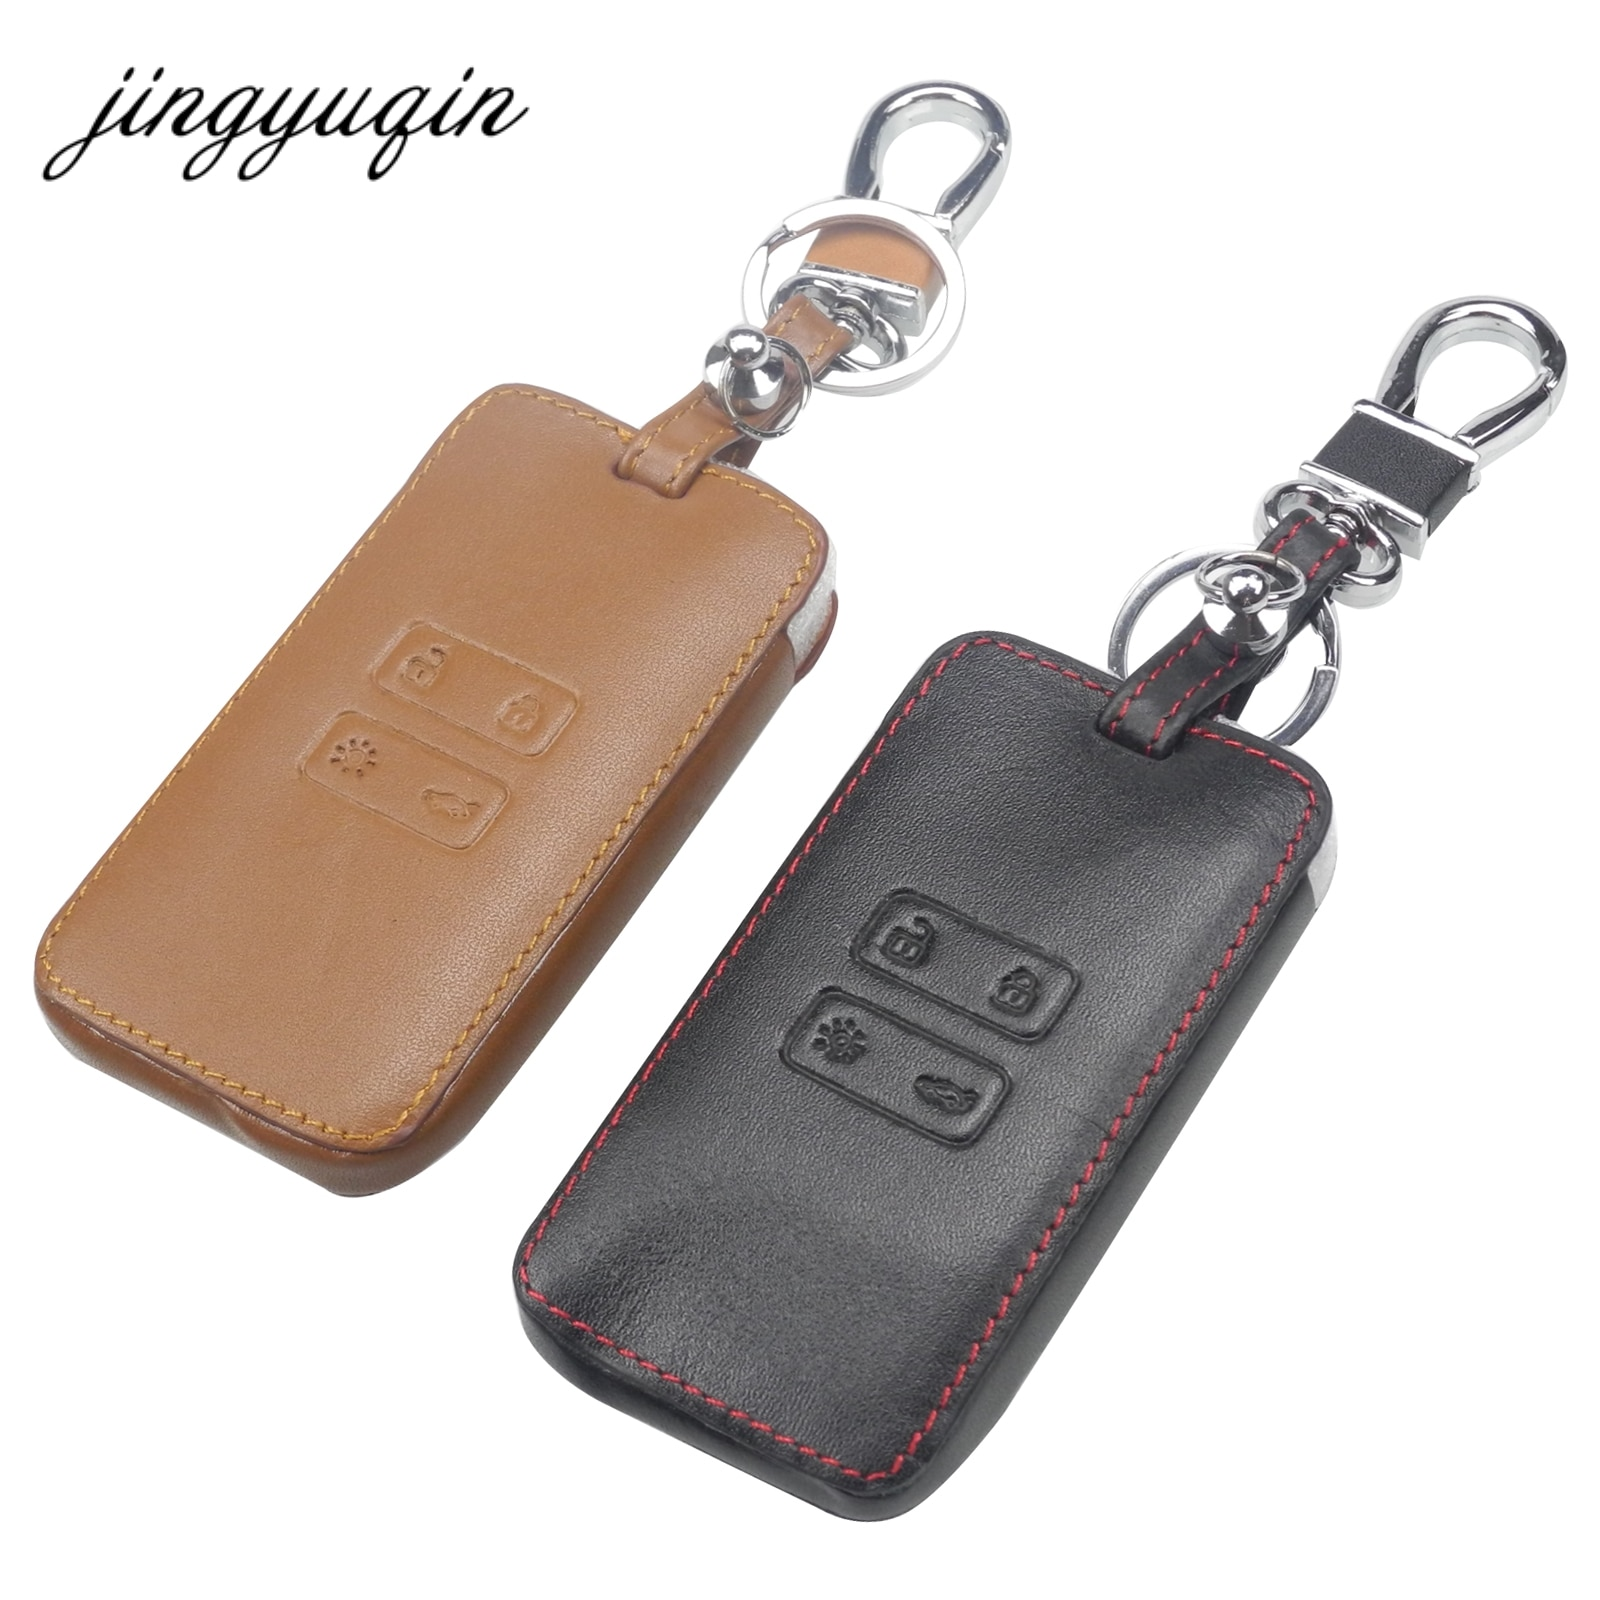 Funda protectora de cuero para llave de coche jingyuqin compatible con llavero de Renault Koleos Kadjar